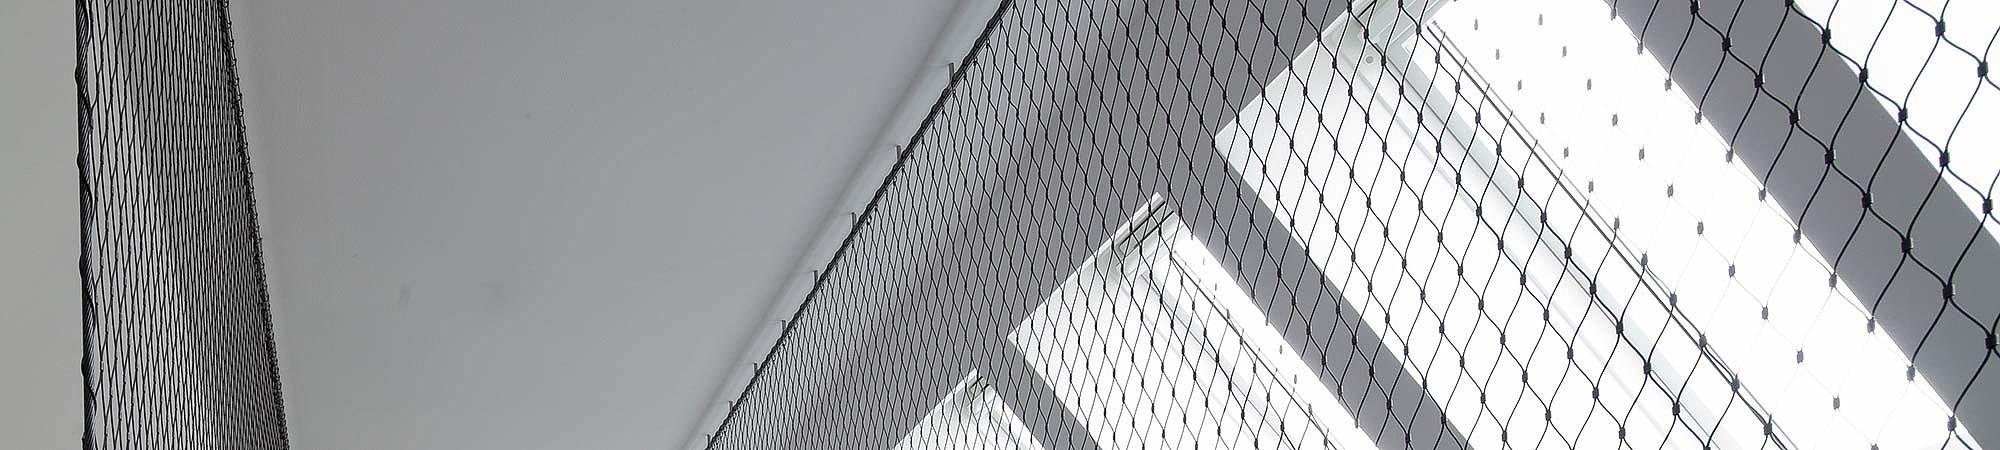 Treppenfahne Treppensicherung mit X-TEND Edelstahl-Seilnetz